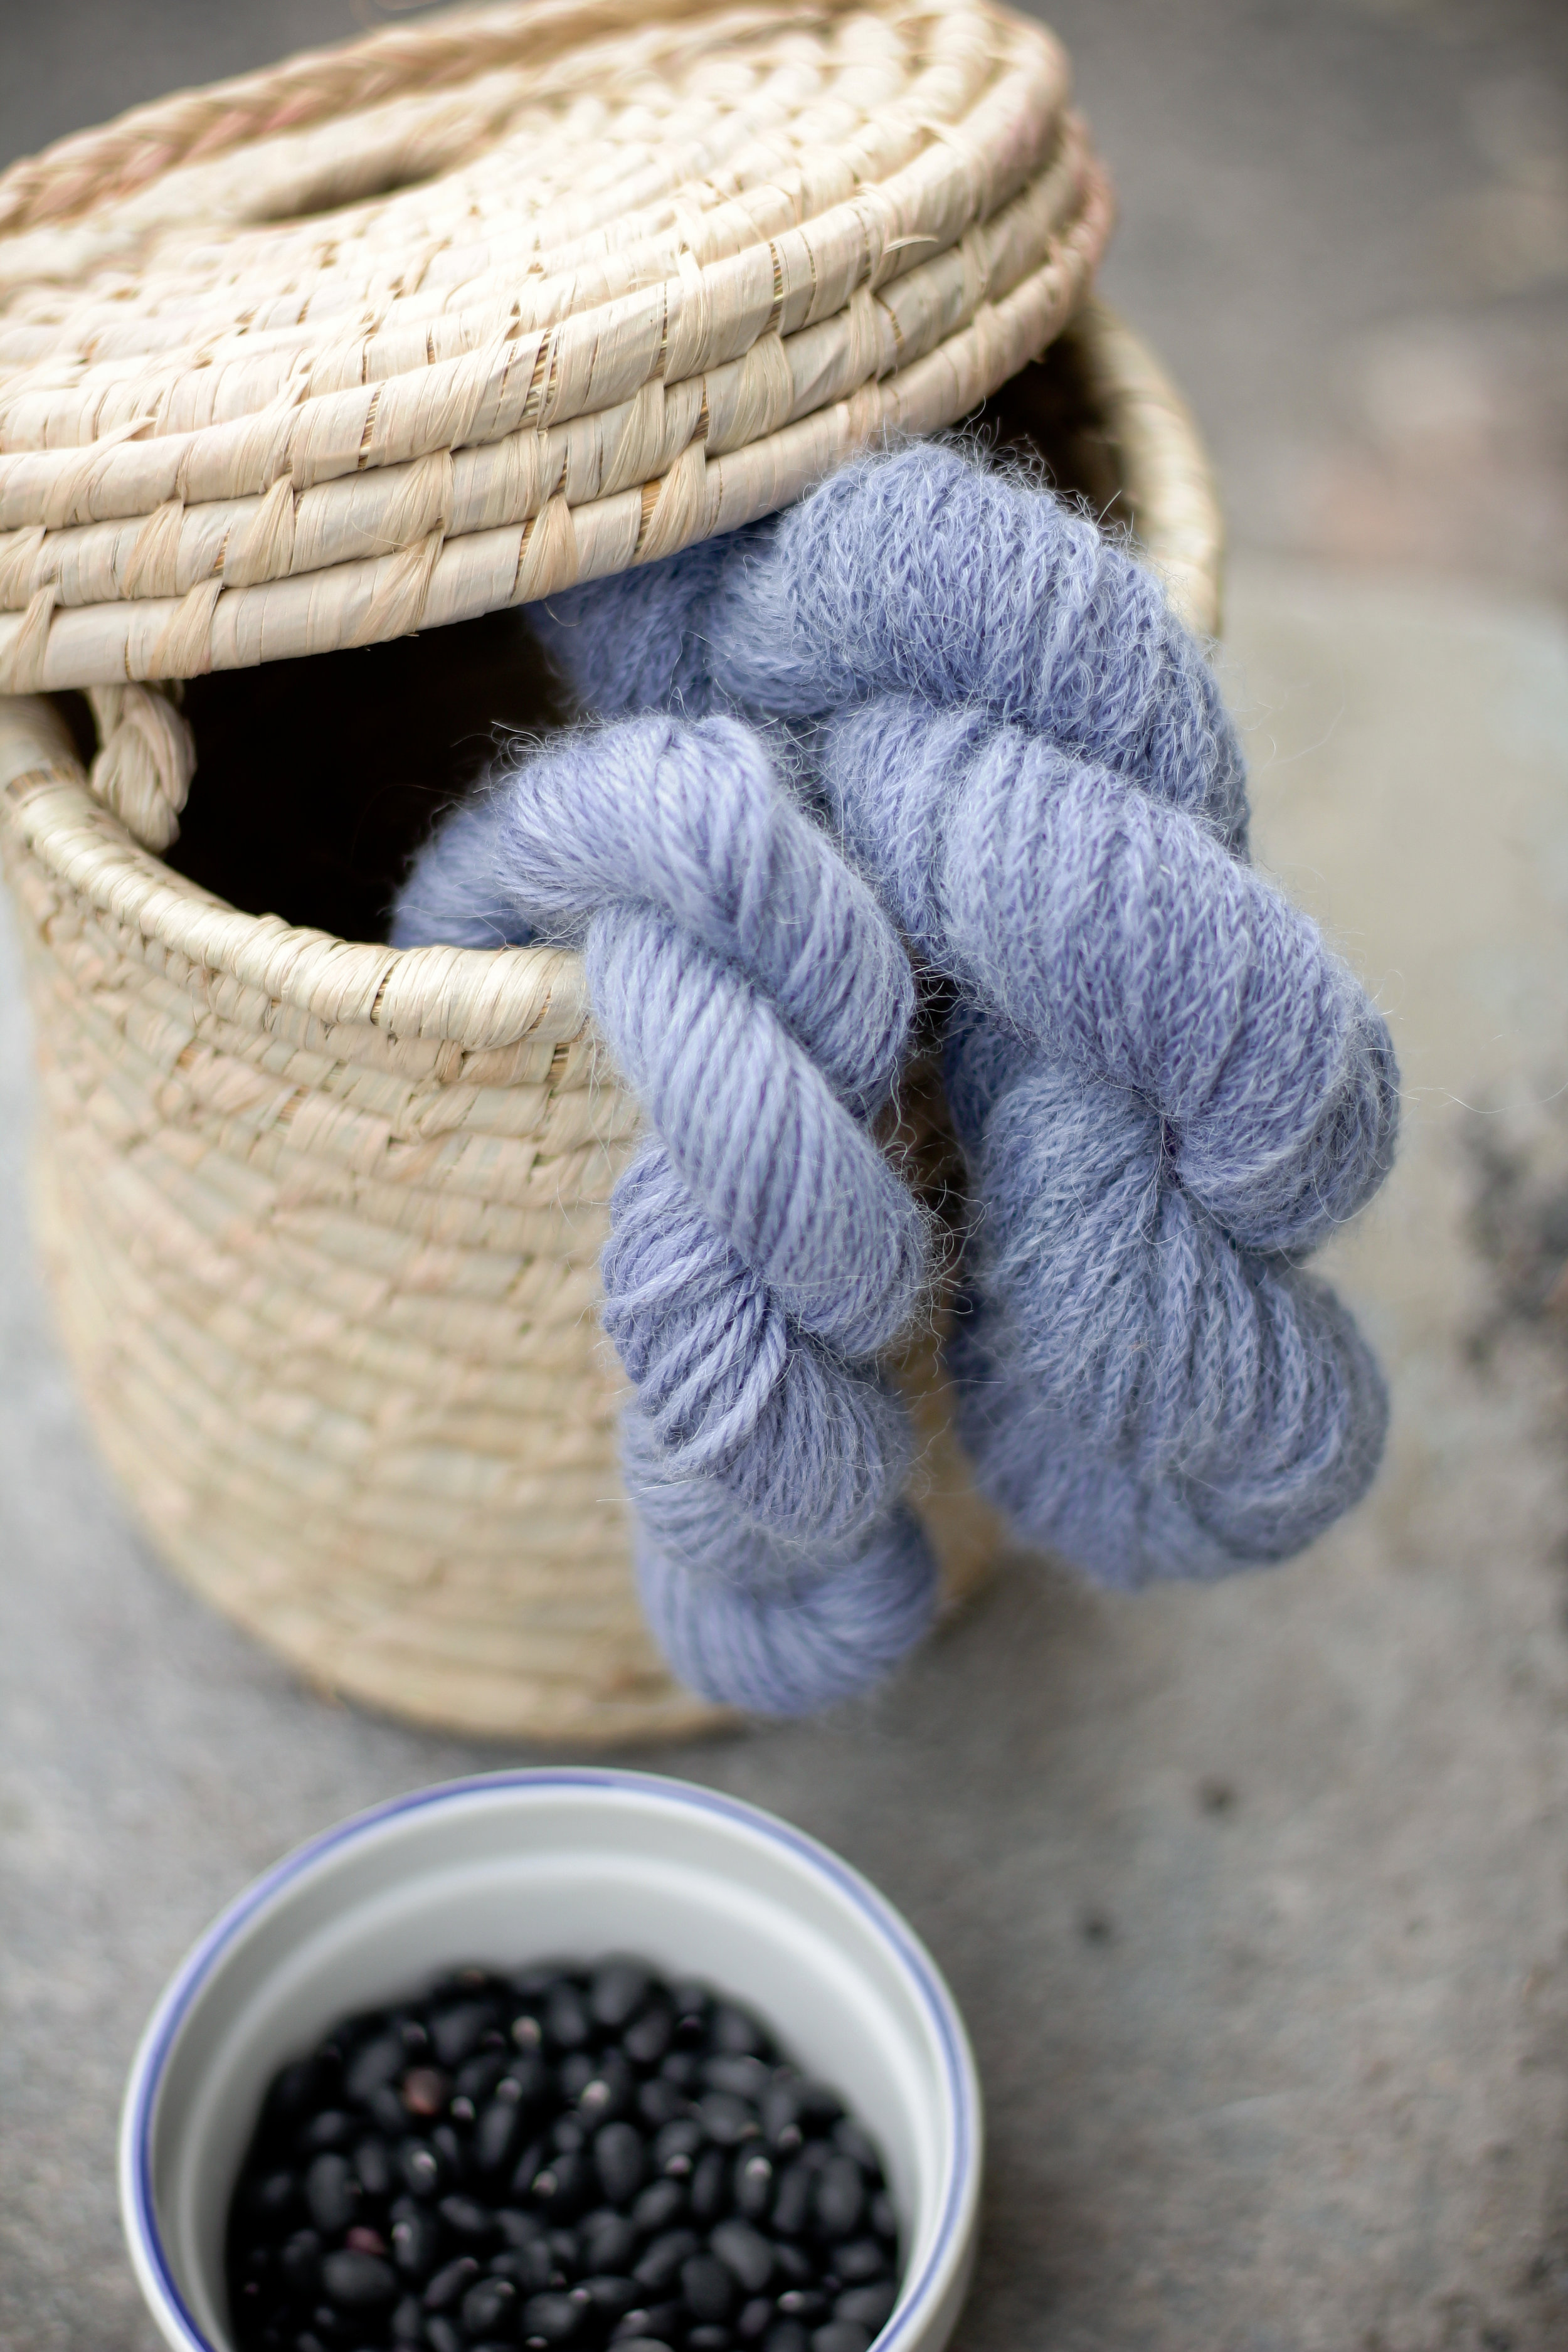 Résultats du bleu obtenus par la teinture aux haricots noirs sur de l'alpaga et bébé alpaga